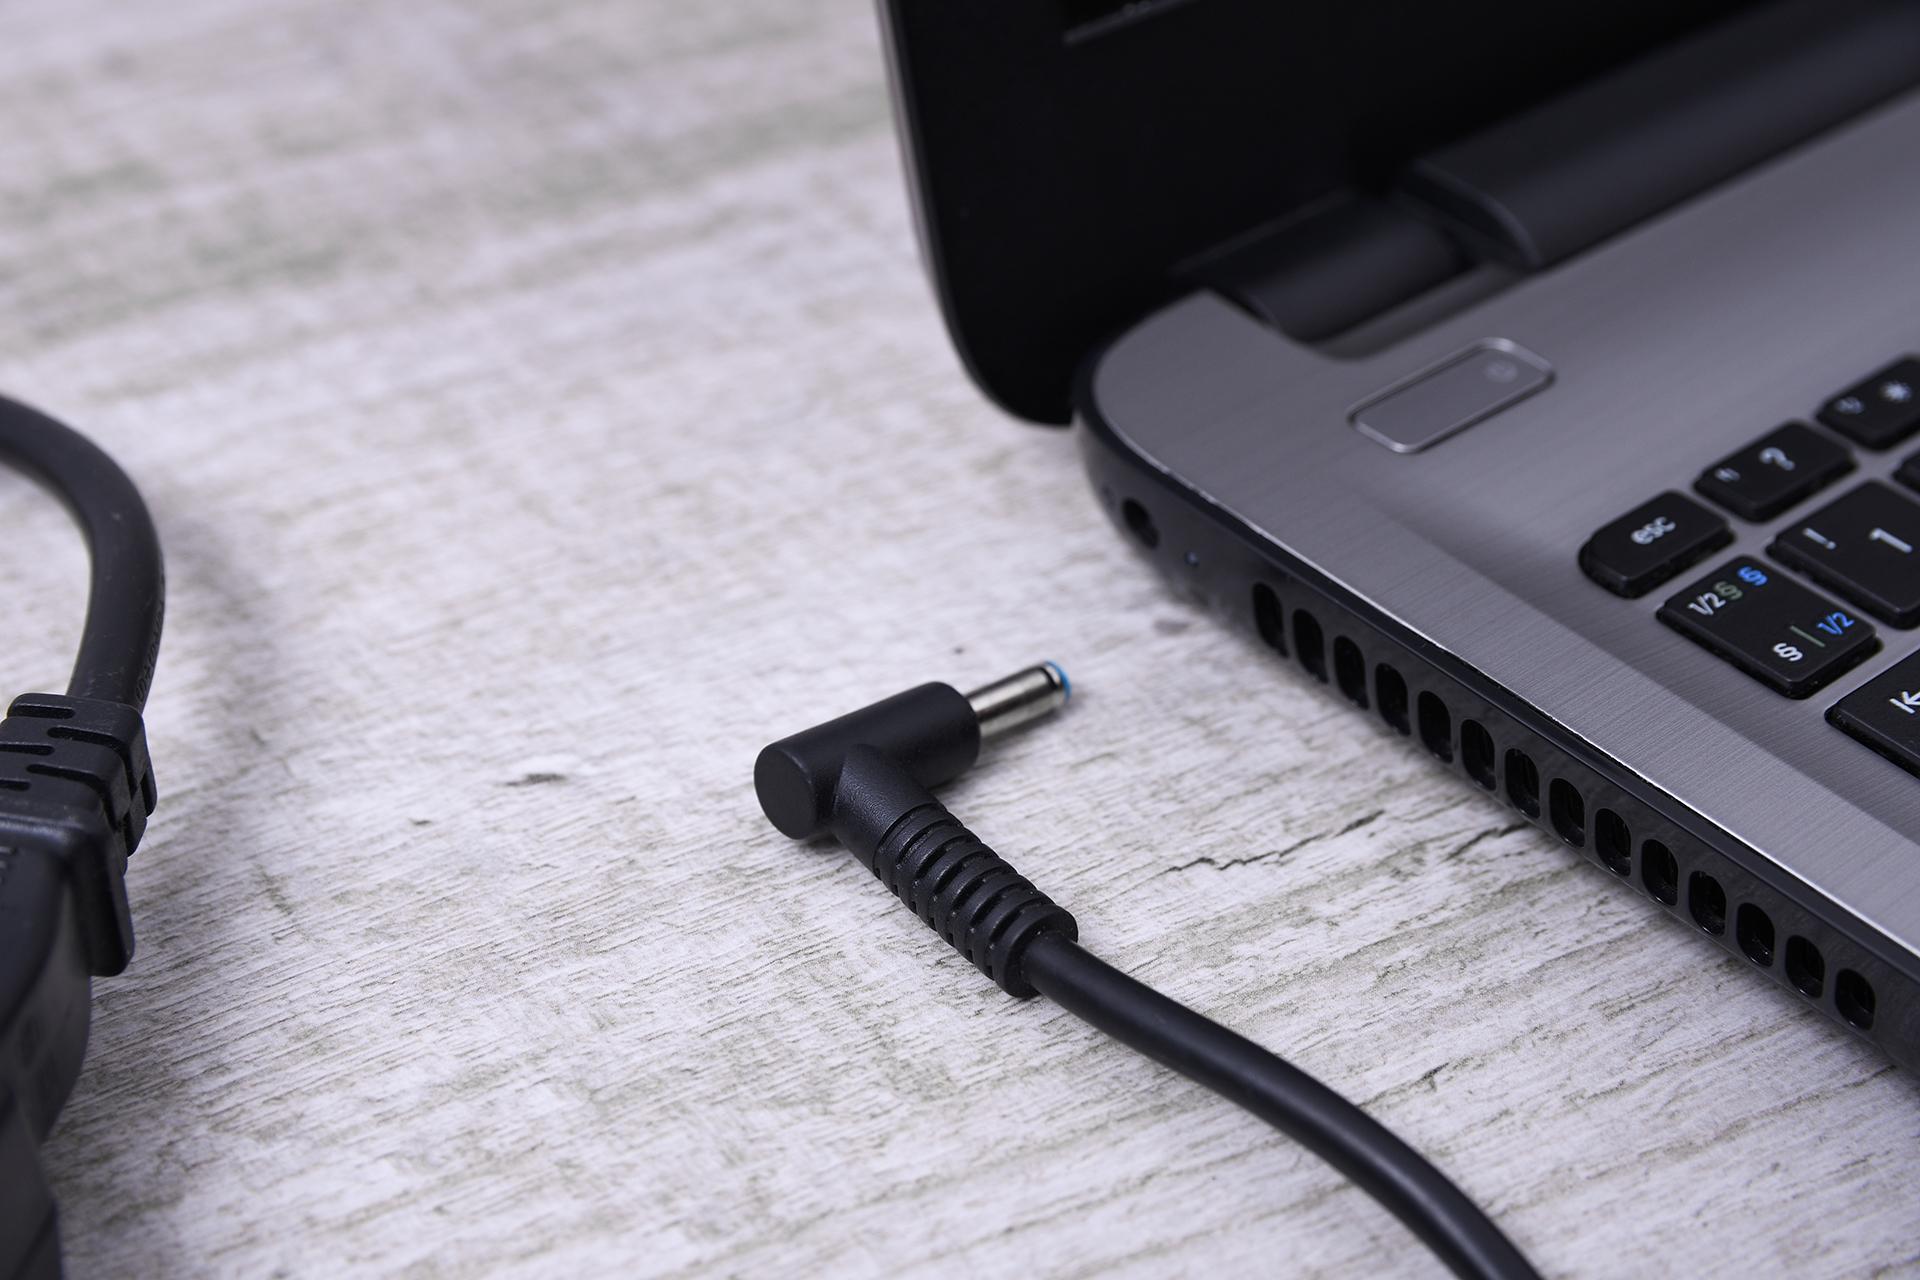 Obrázek: Máte notebook se špatnou výdrží? Avast Battery Saver ji prodlouží o desítky minut